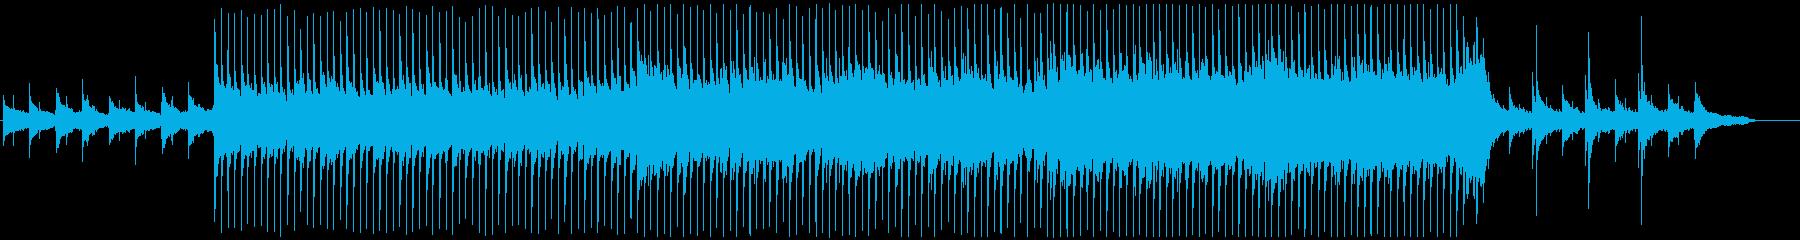 VP系14、高揚感と疾走感のあるロックBの再生済みの波形